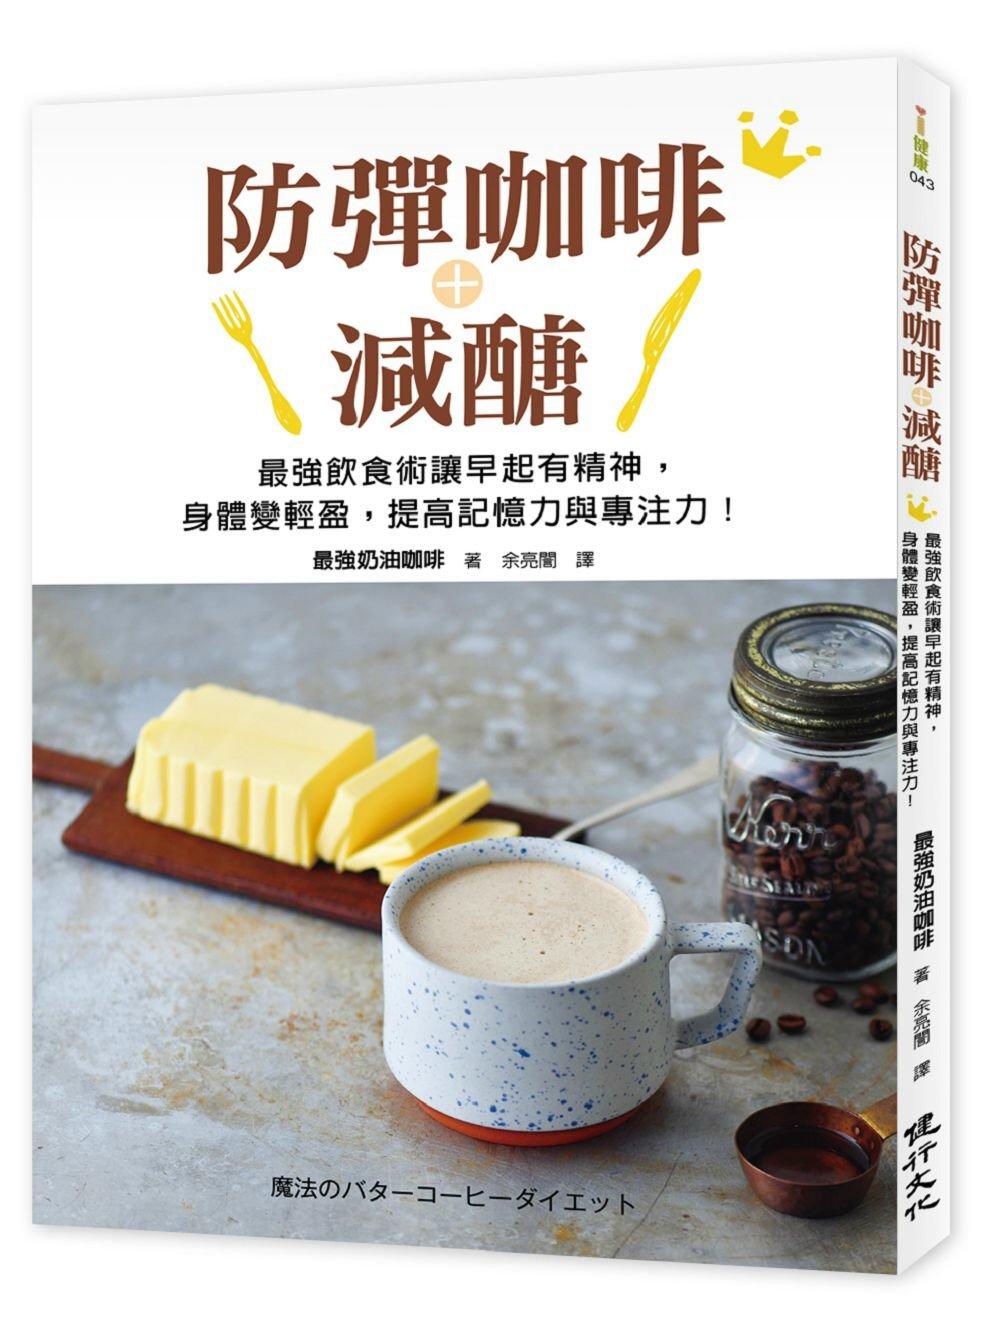 防彈咖啡+減醣:最強飲食術讓早起有精神,身體變輕盈,提高記憶力與專注力!